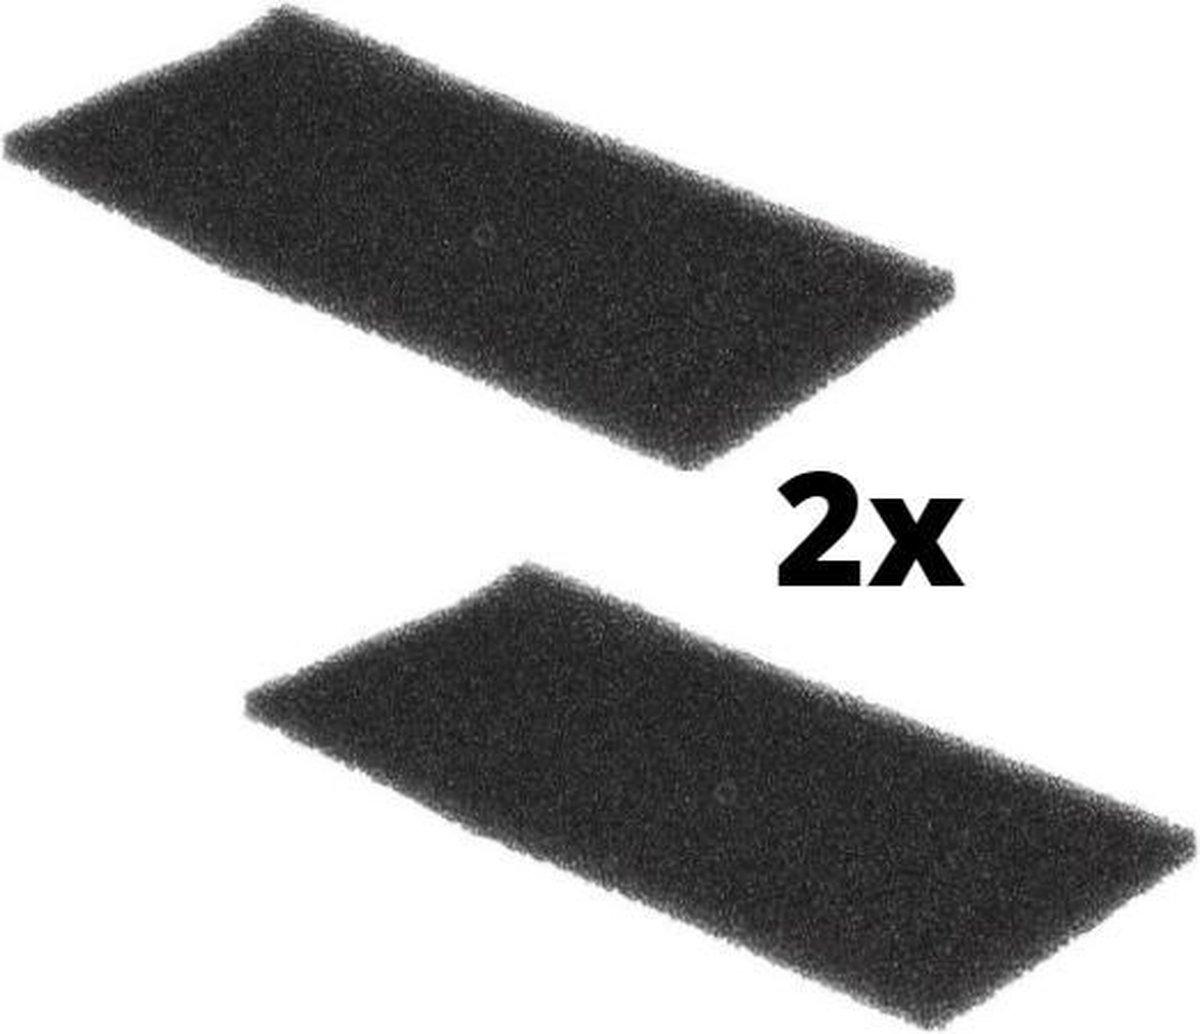 Whirlpool Bauknecht Ignis filter schuim foam filter droger – 2 stuks – schuimfilter 220 x 110 mm wasdroger warmtewisselaar origineel